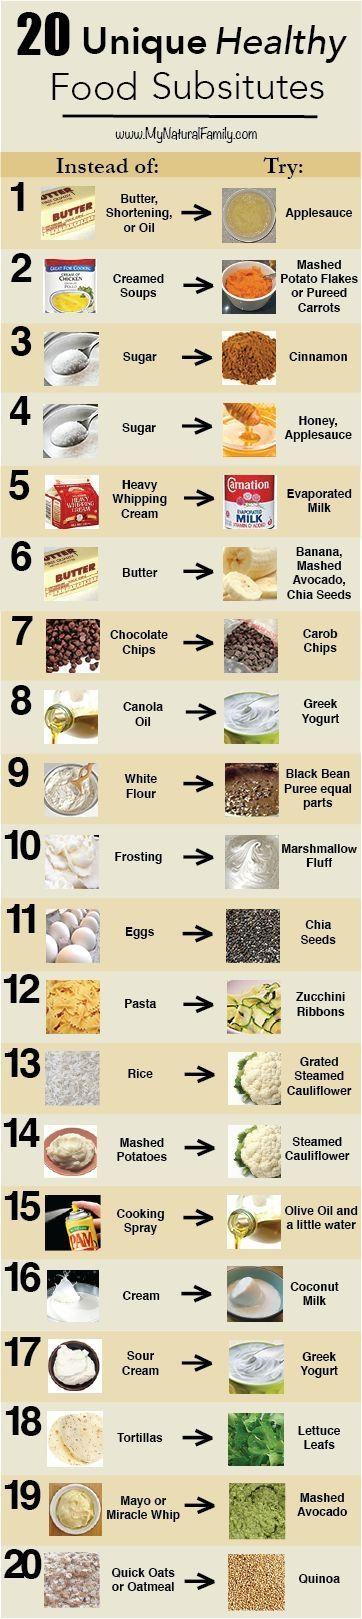 20 Unique Healthy Food Alternatives by Betoken